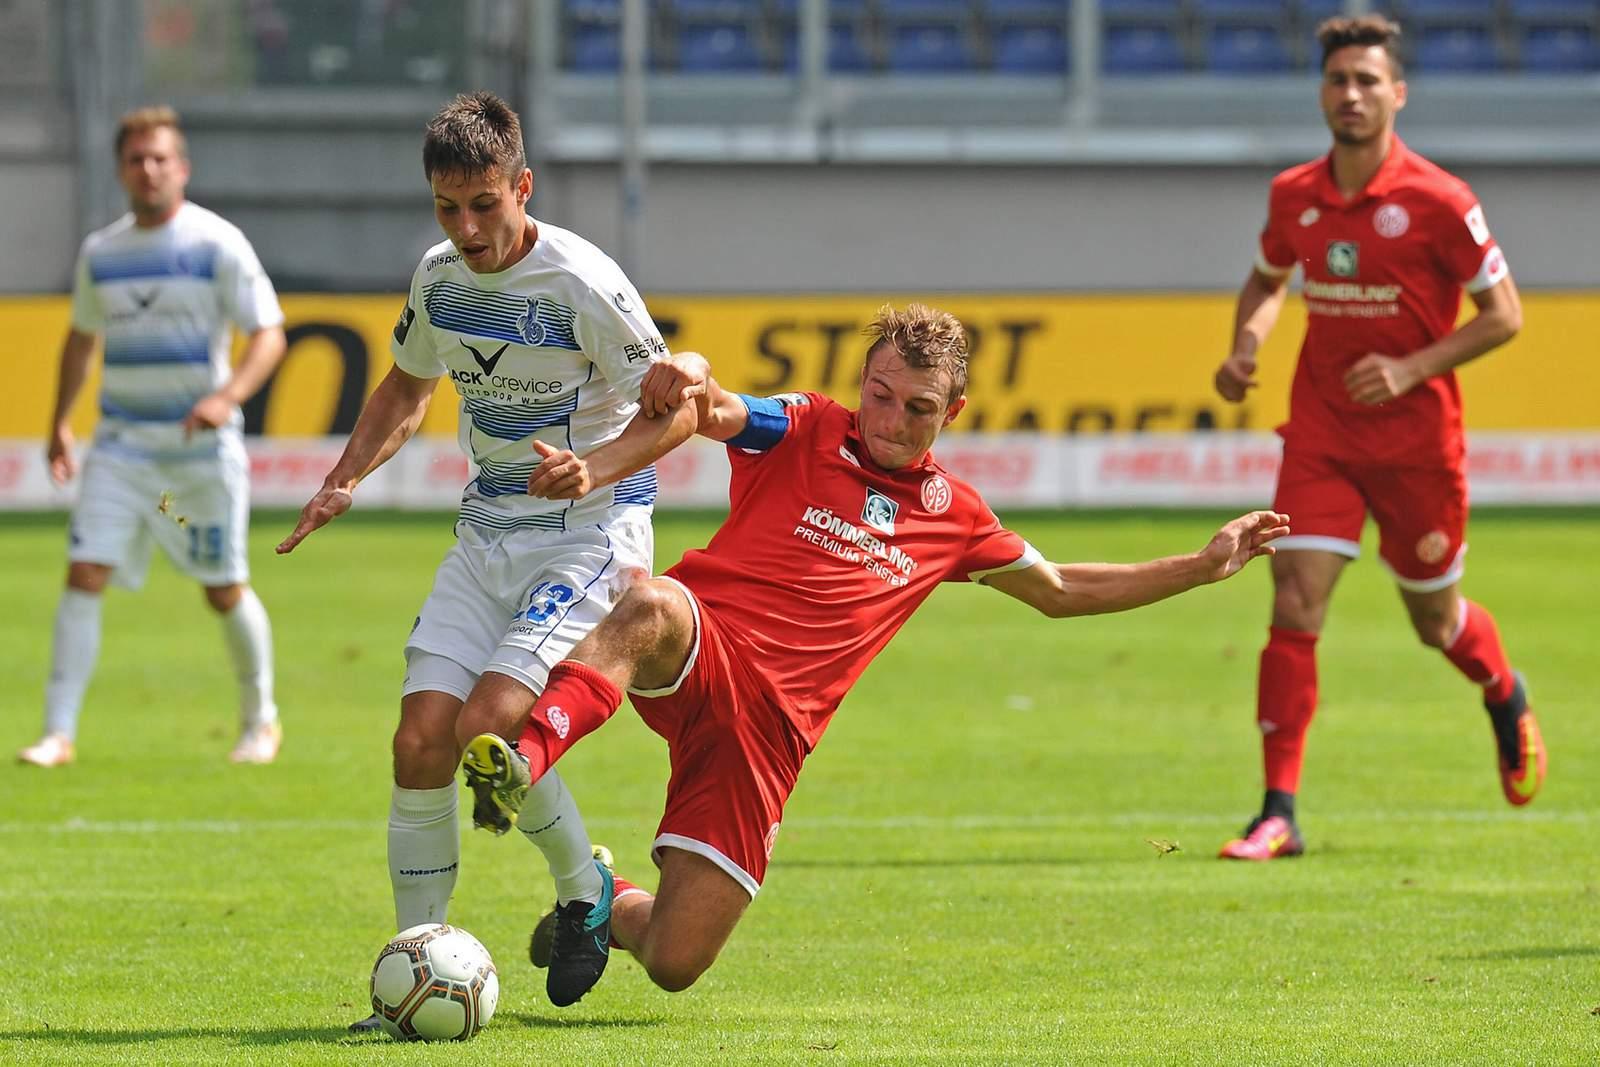 Zweikampf zwischen Schnellhardt und Bohl